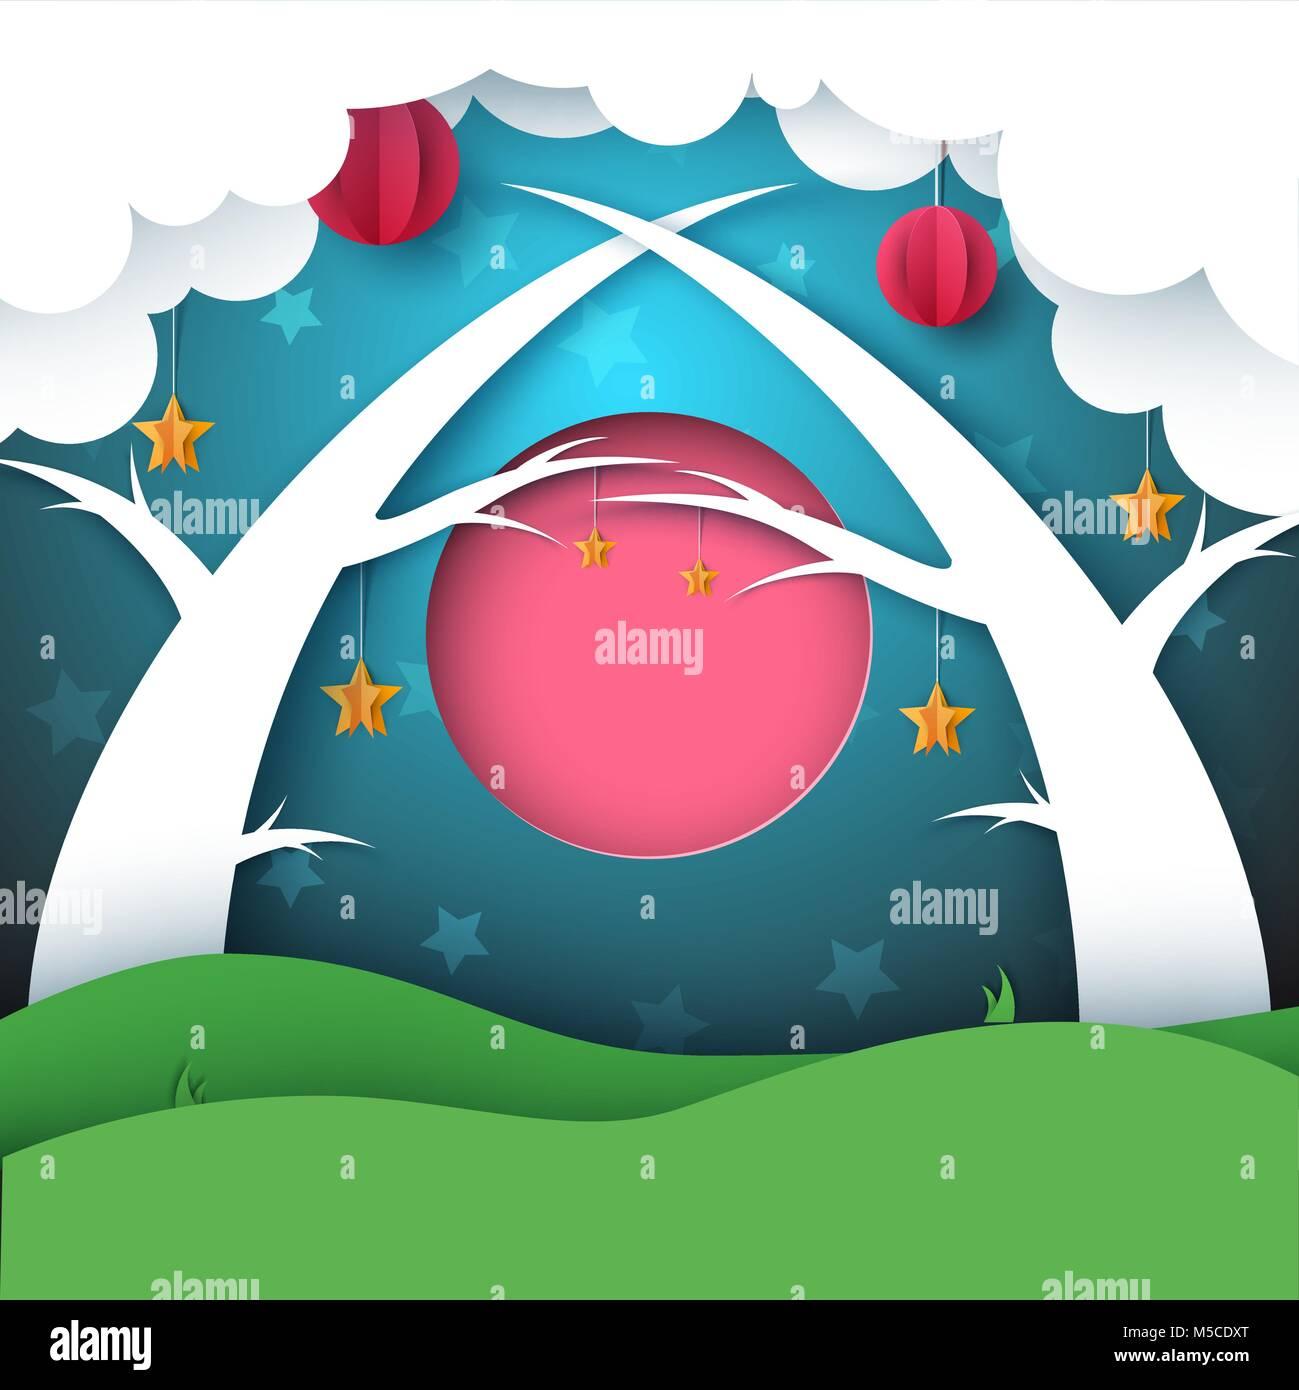 Papier Dessin Anime Nuit Paysage Forestier Lune Nuage Soleil